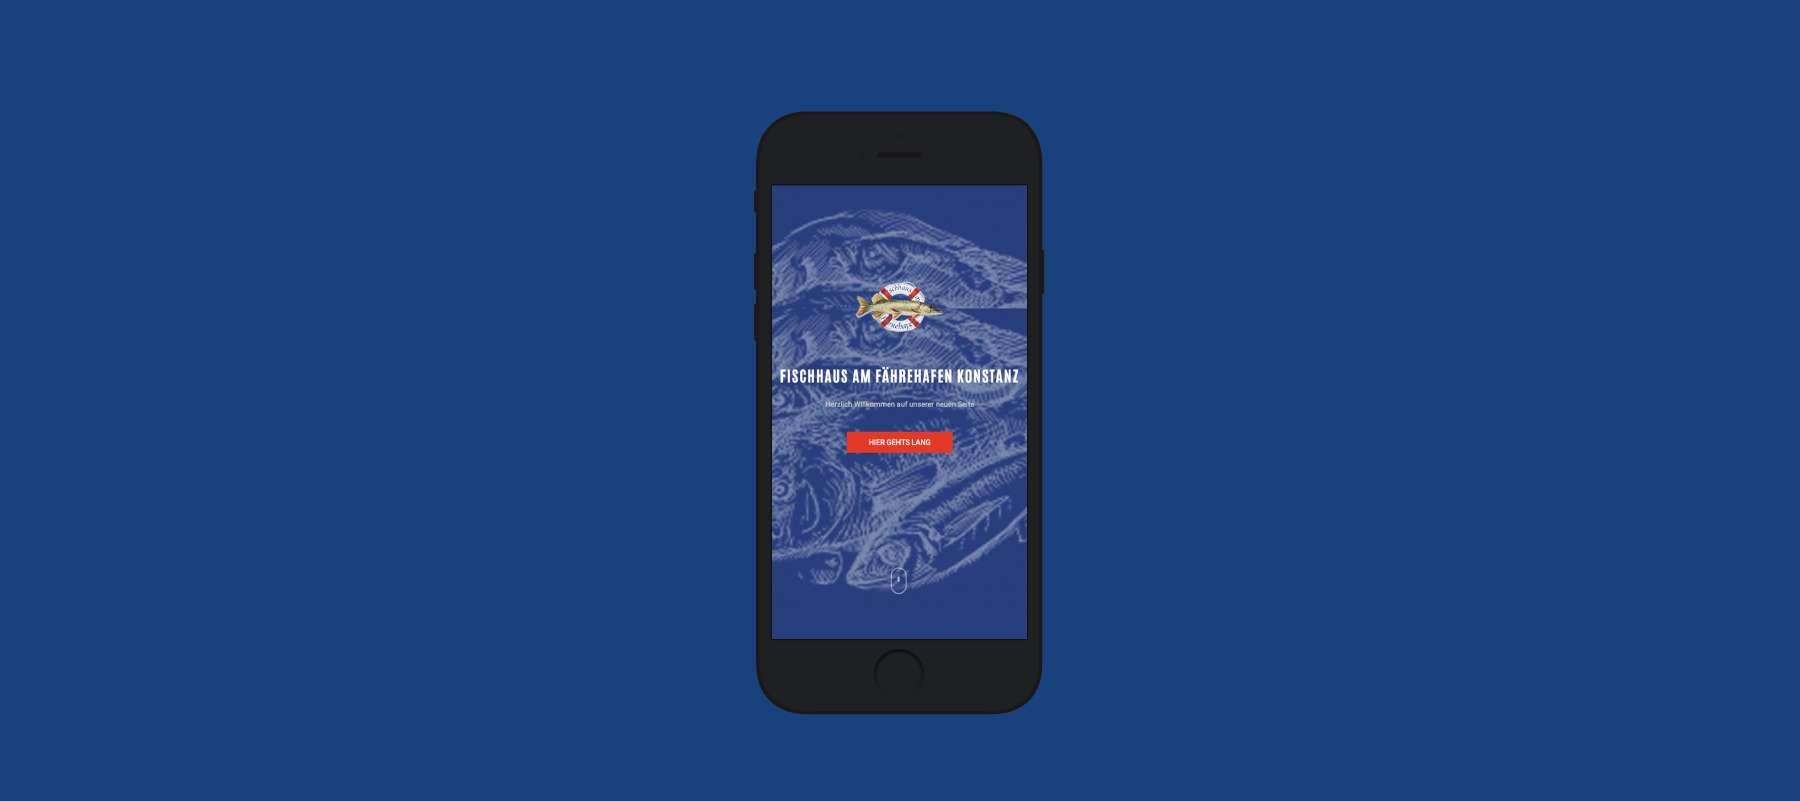 webdesign webentwicklung salz und zucker salz&zucker FISCHERHAUS